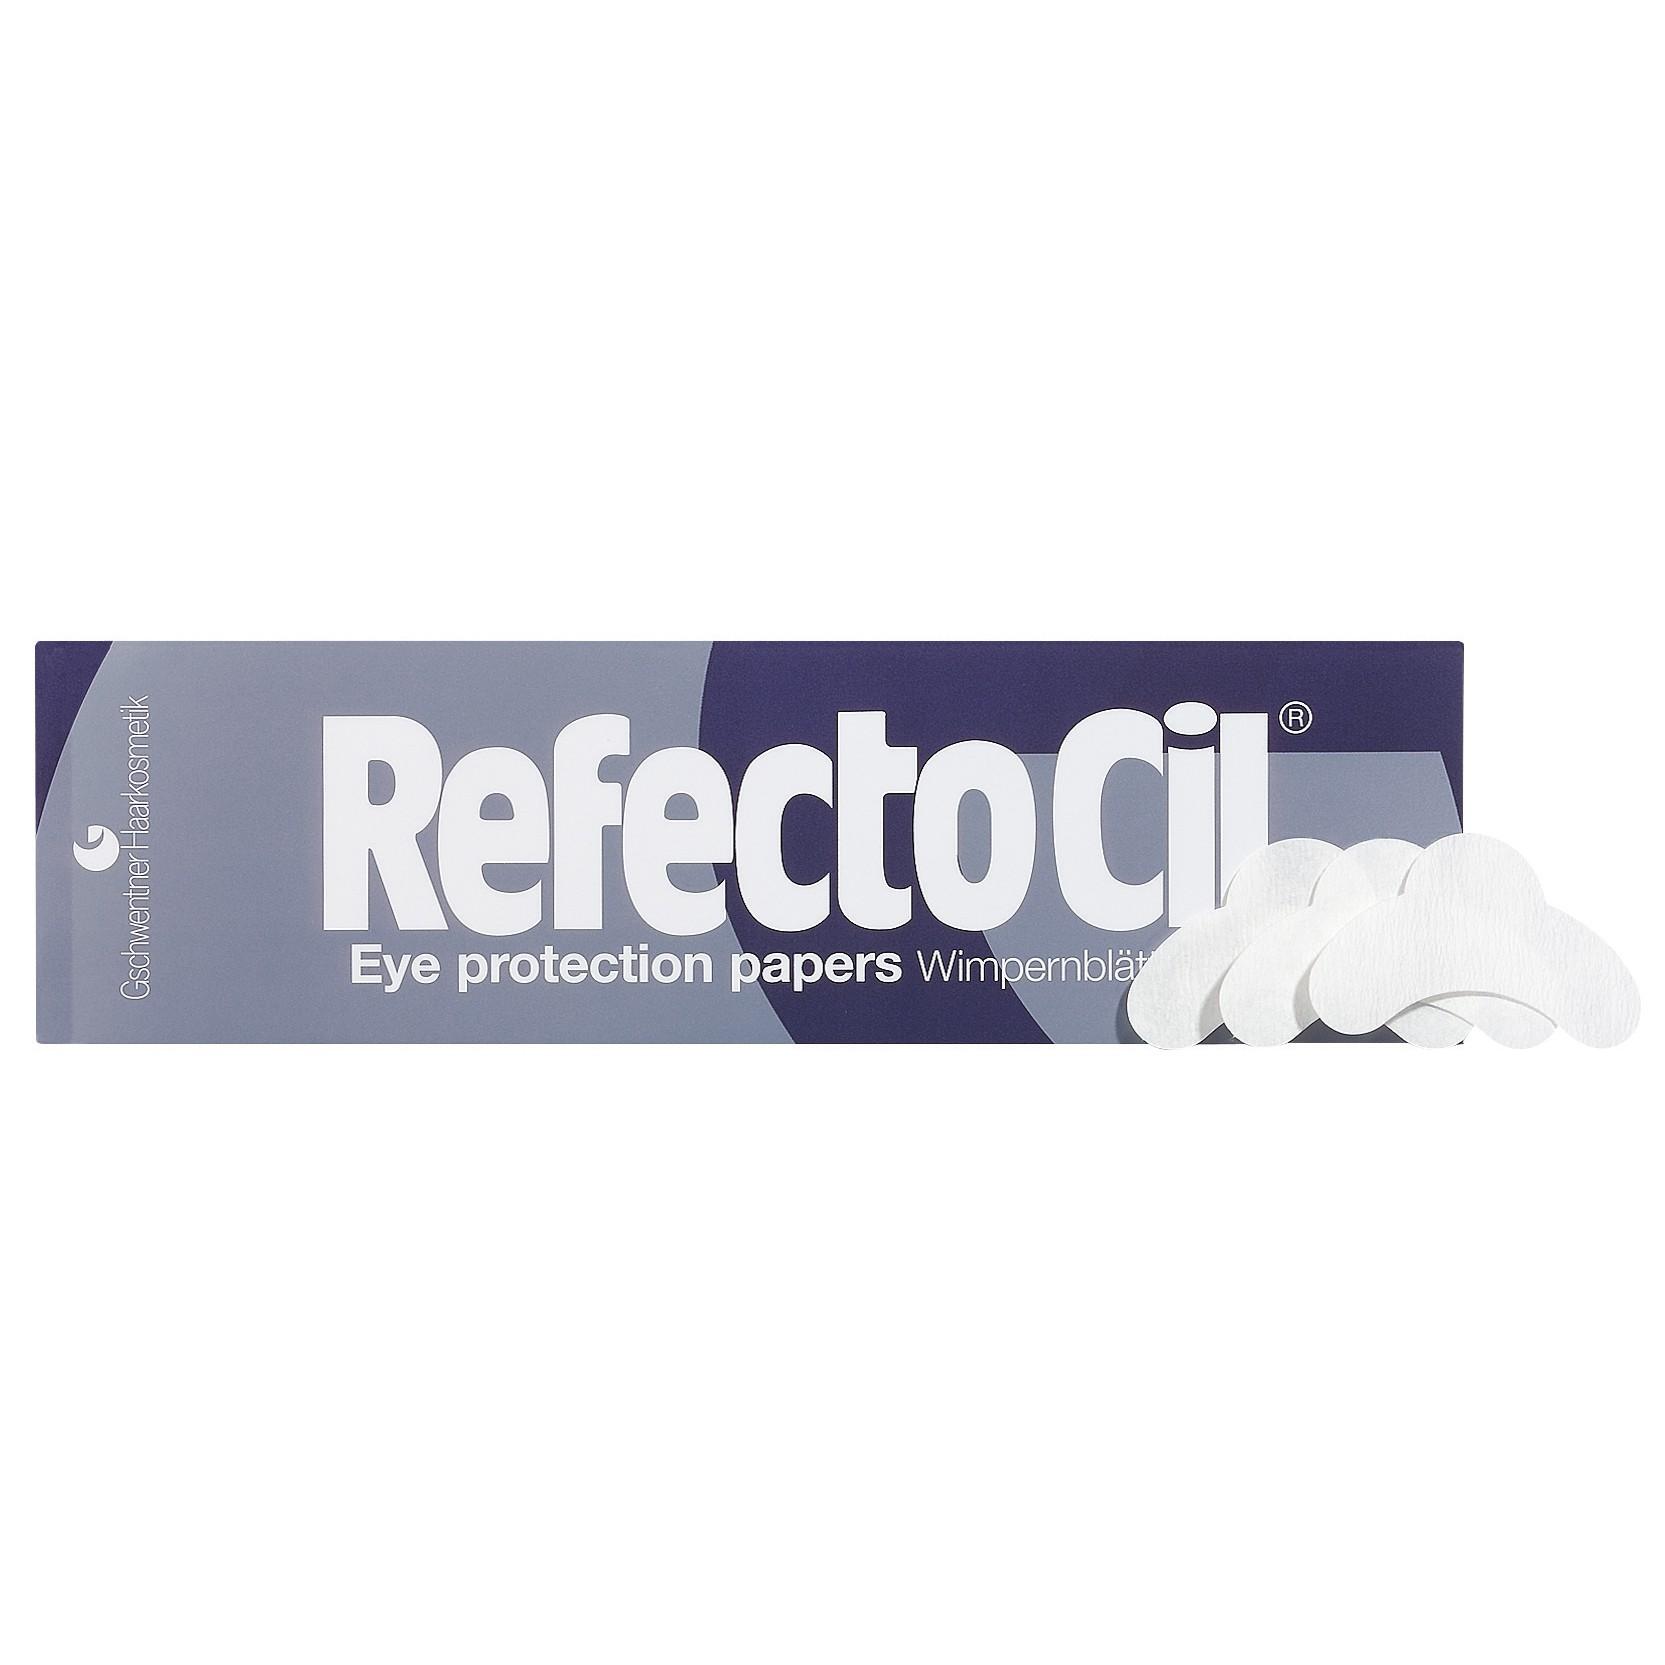 """Бумажные подкладки под глаза """"RefectoCil"""" (экстра-мягкие) - изображение"""